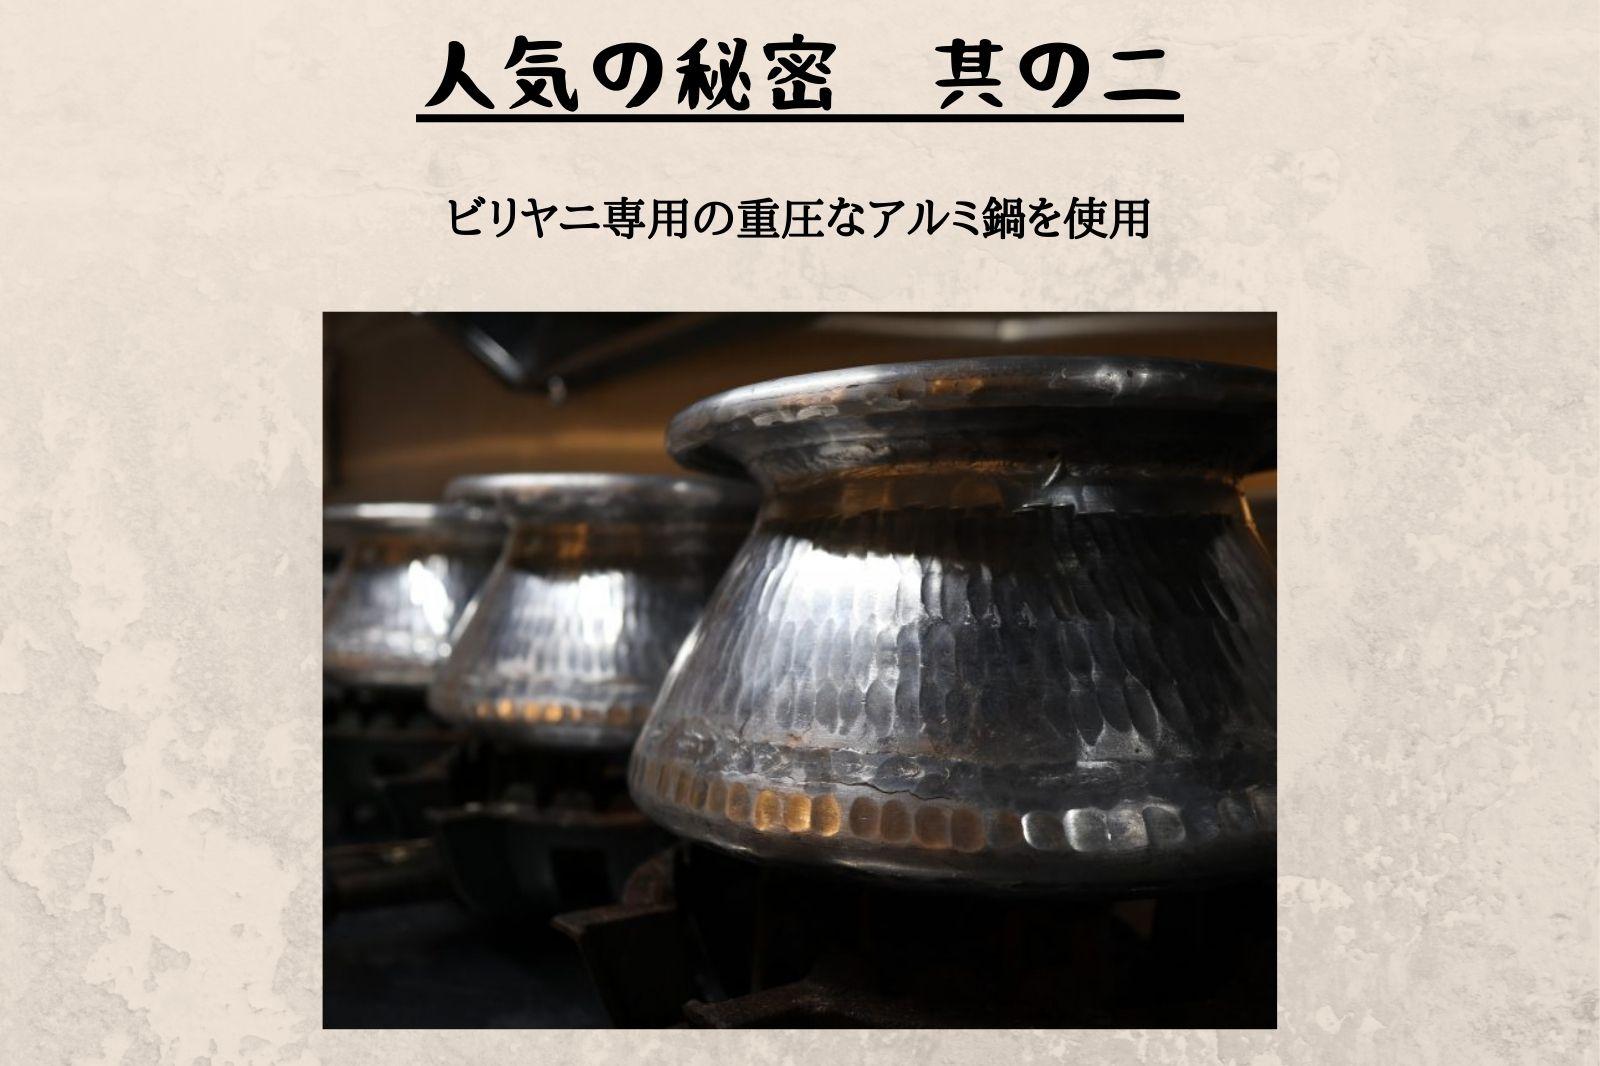 初回限定!送料無料! お試しセット【チキンビリヤニ1パックとチャイキット1種】